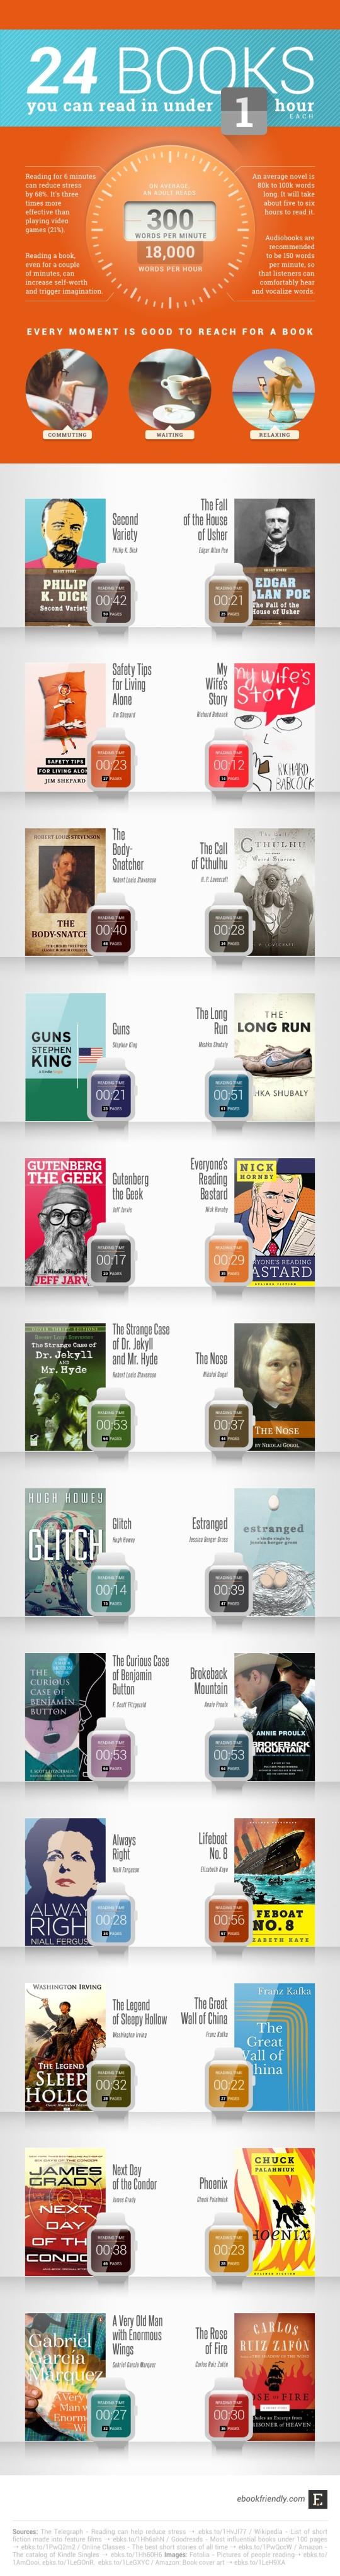 24 boeken die je binnen een uur kan lezen.hic-540x4095